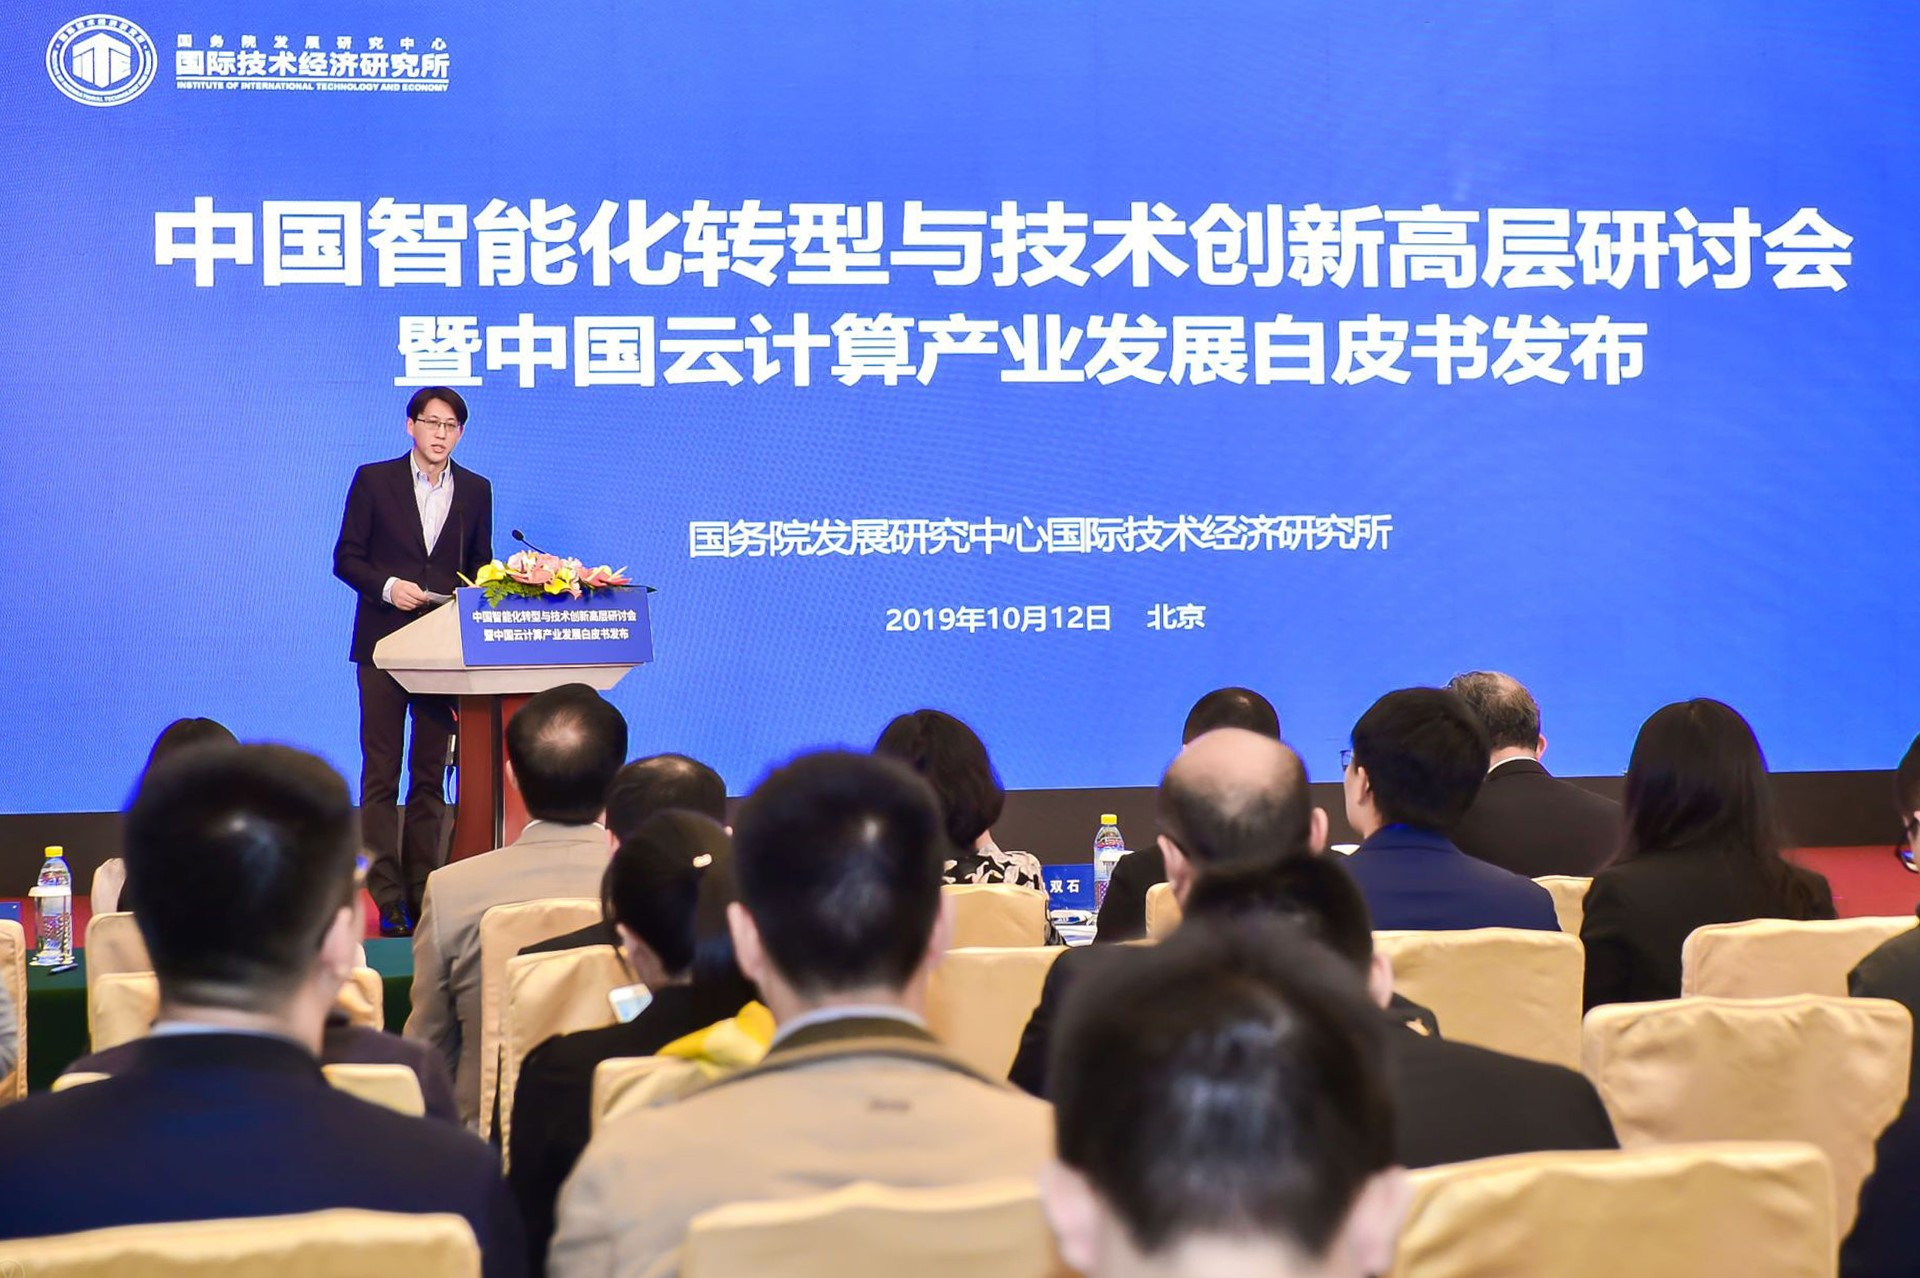 《中国云计算产业发展白皮书》正式发布